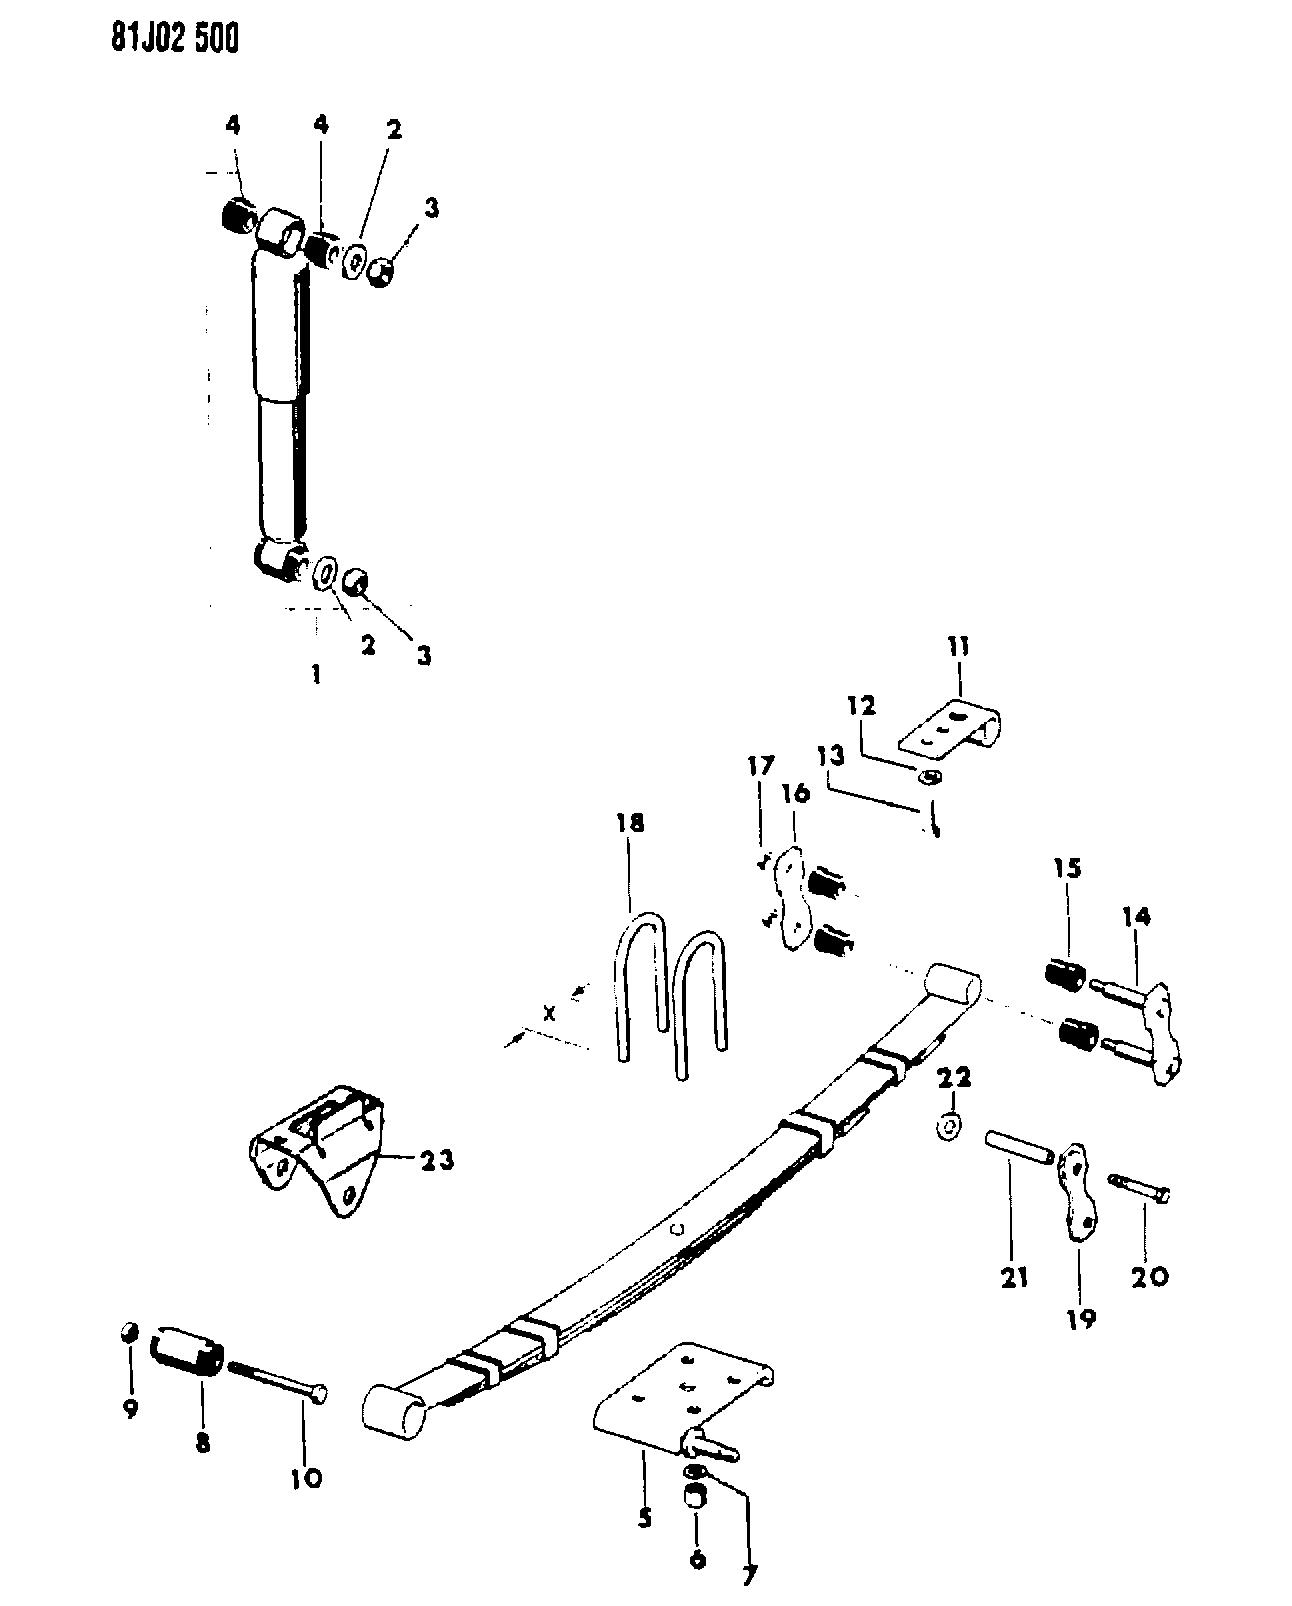 2000 cj5 renegade wiring diagram database 1998 Jeep Cherokee Wiring Diagram 1986 cj wiring diagram database 1979 cj5 marker lights 2000 cj5 renegade